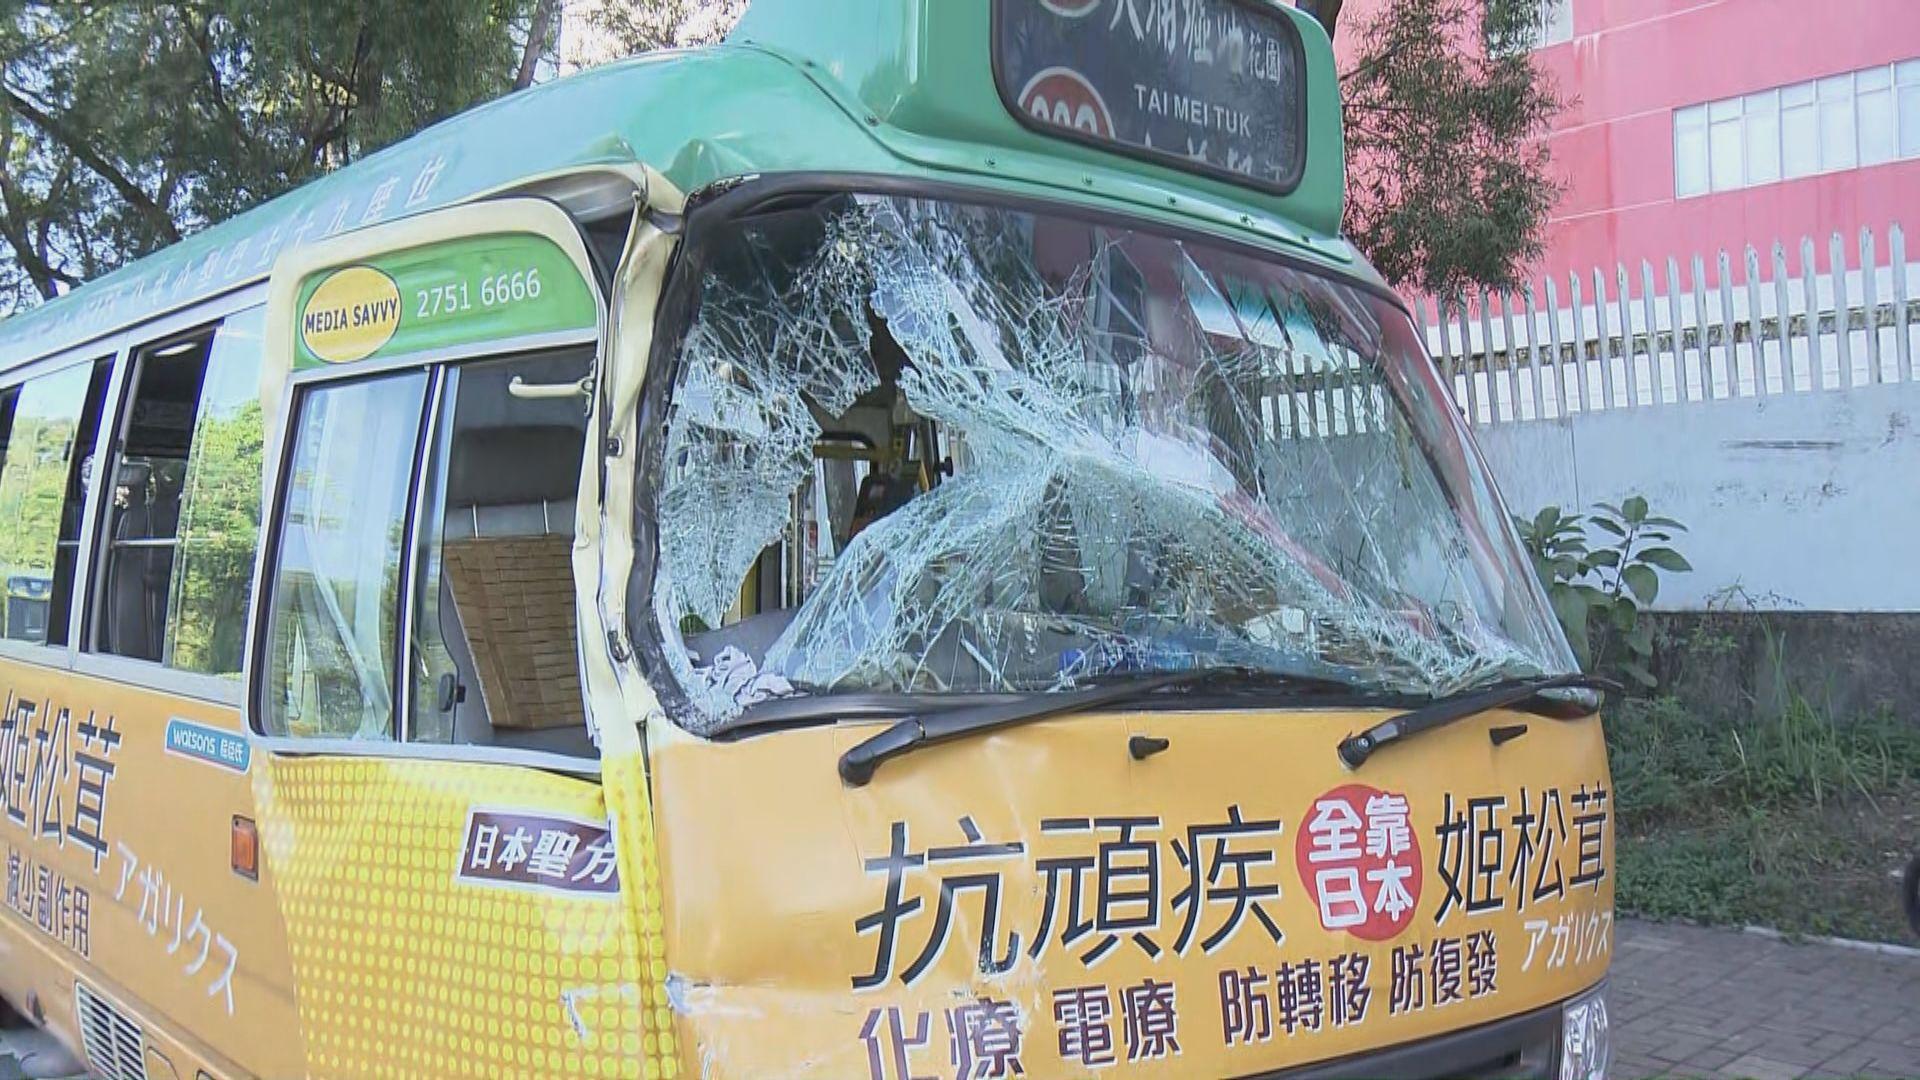 大埔小巴與混凝土車相撞十多人受傷